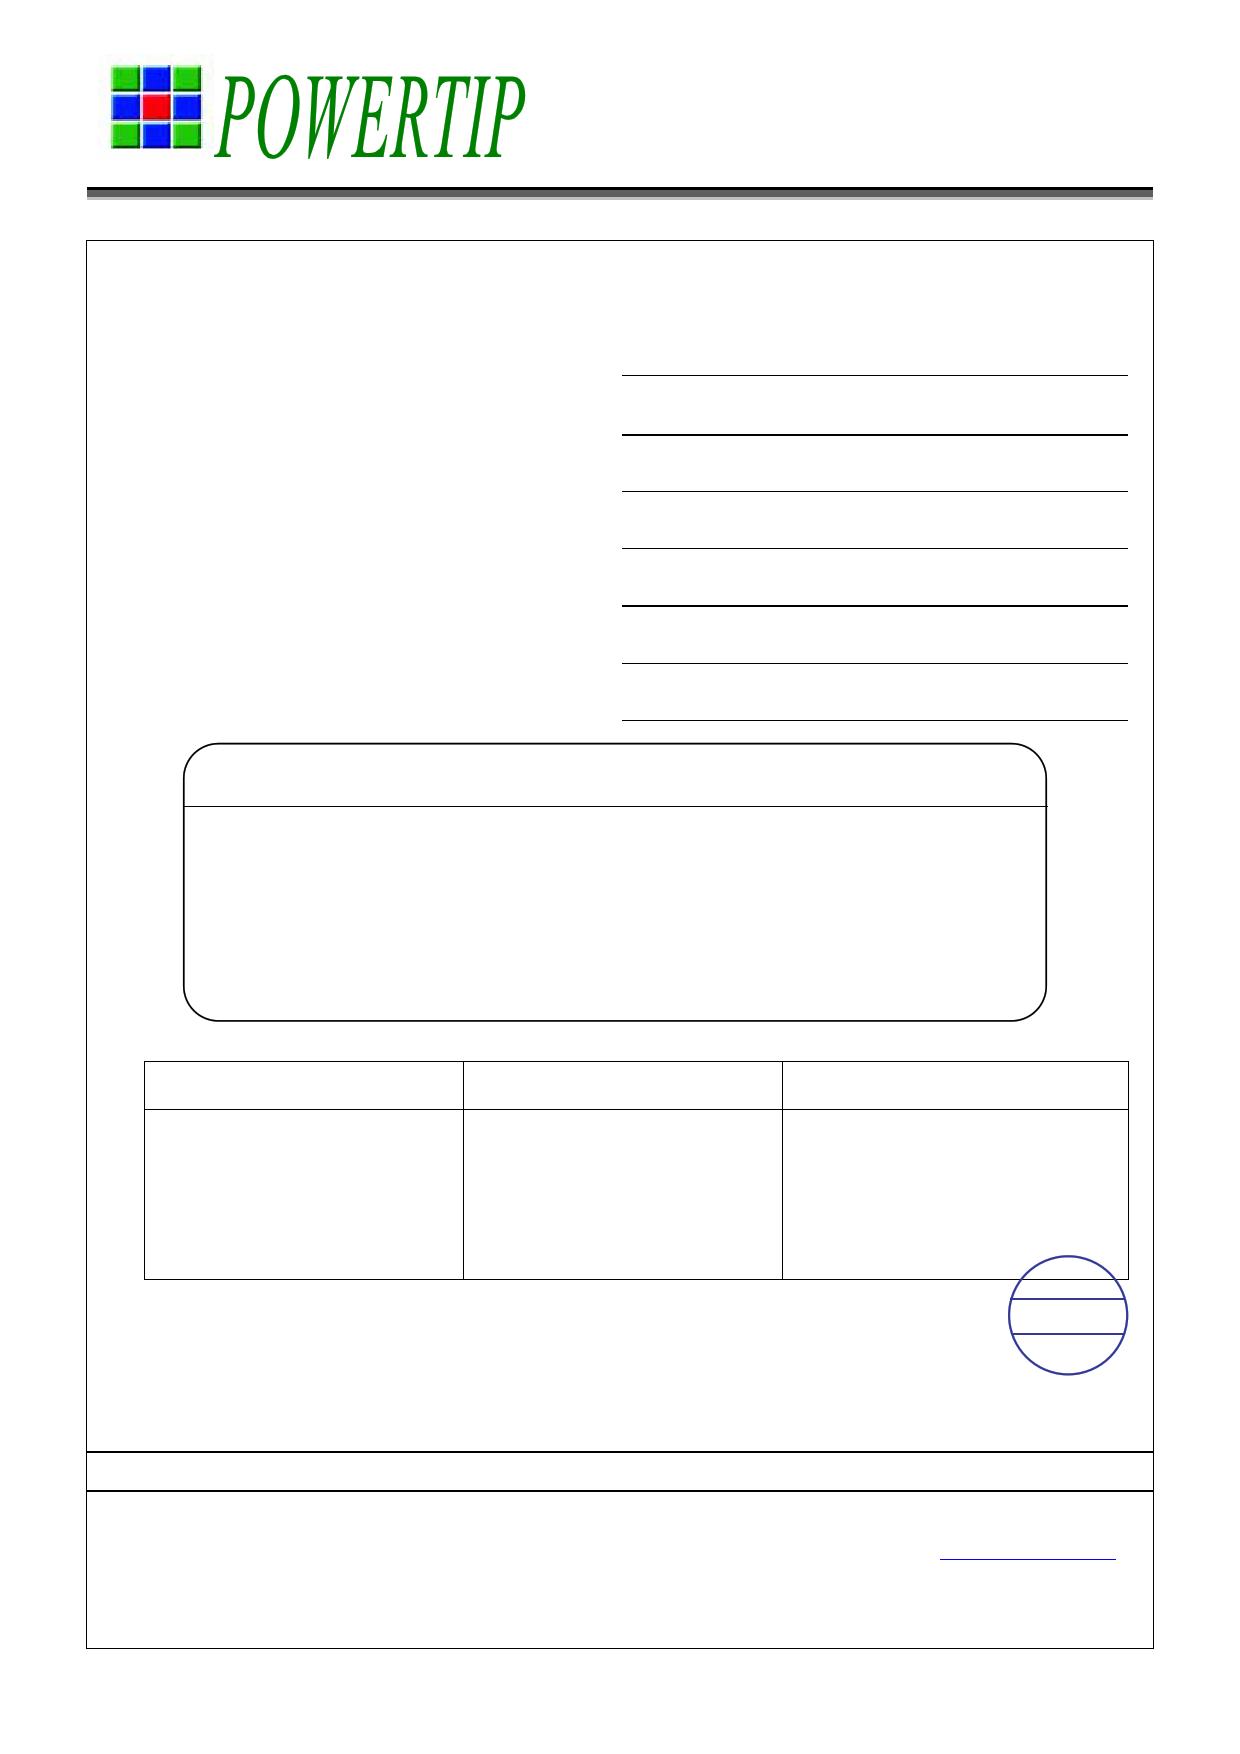 PE240128WRF001HC1Q 데이터시트 및 PE240128WRF001HC1Q PDF